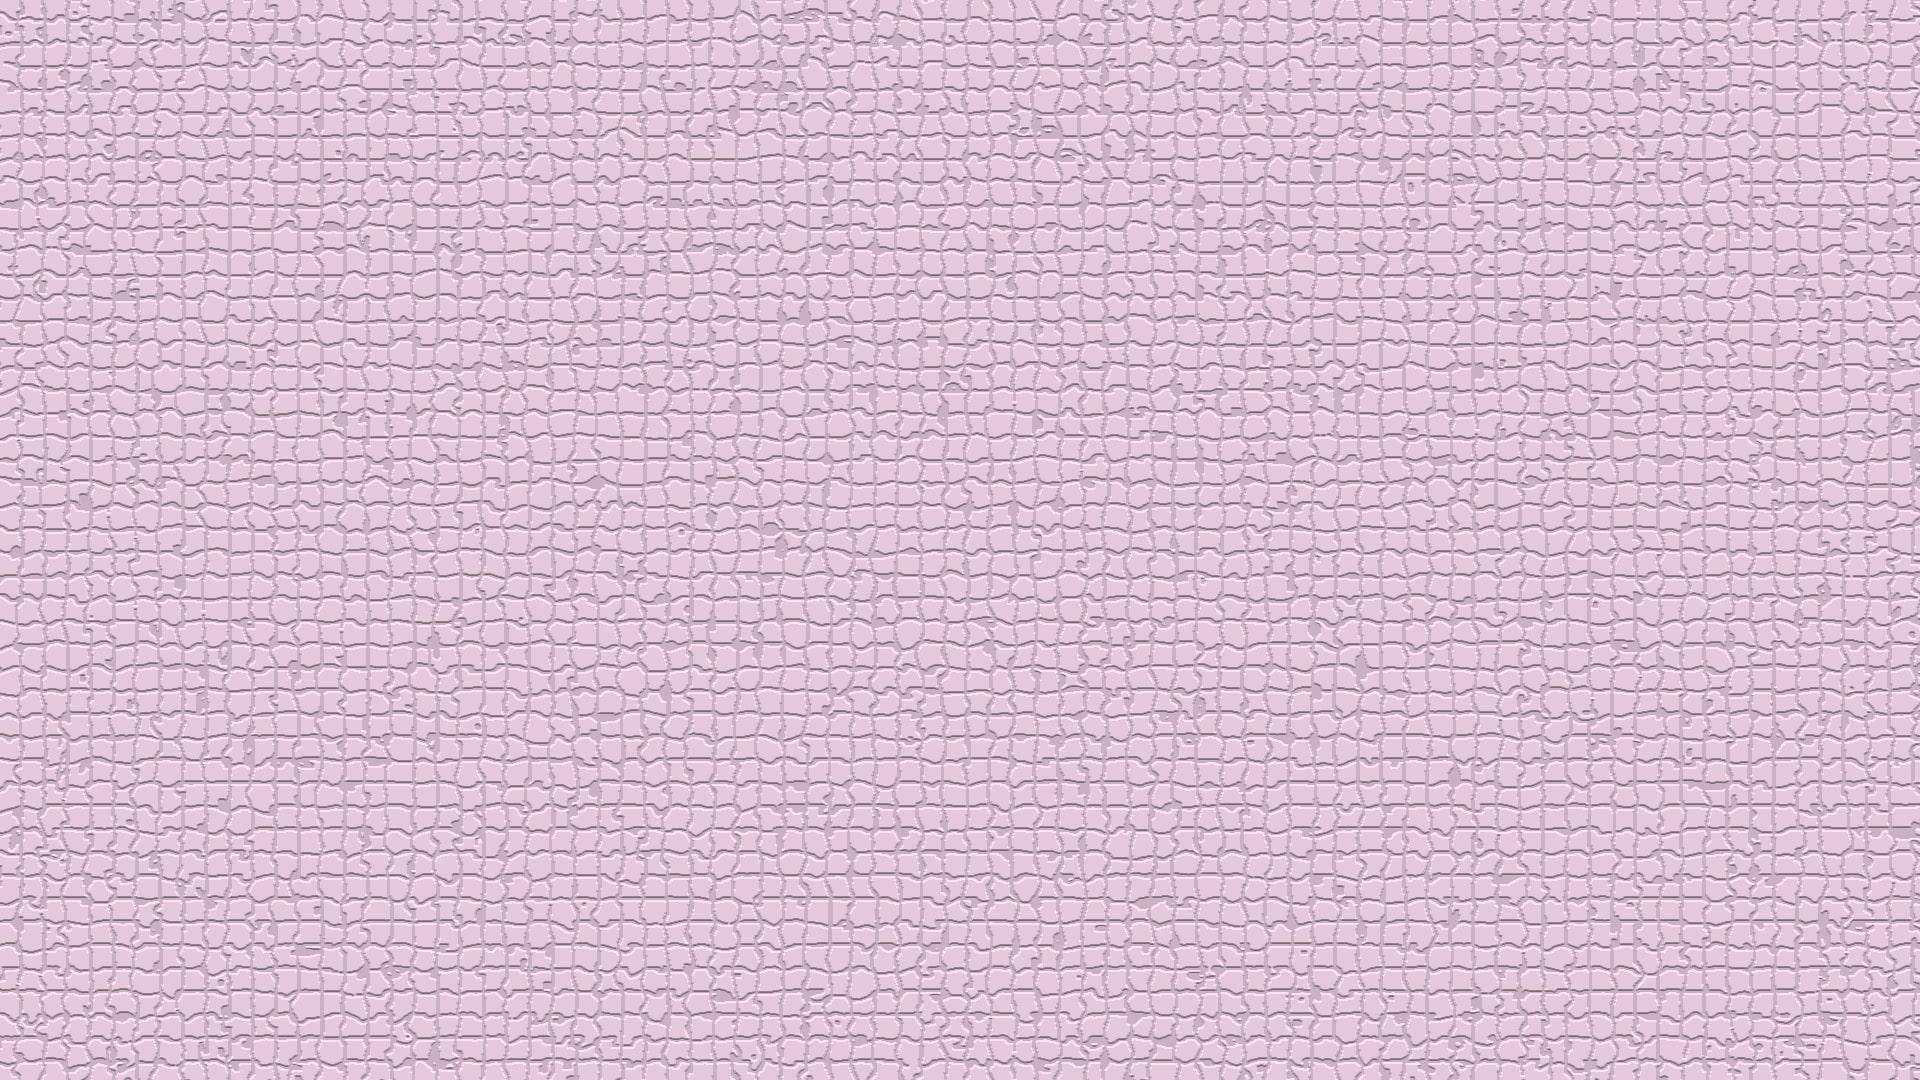 タイル風1_pink